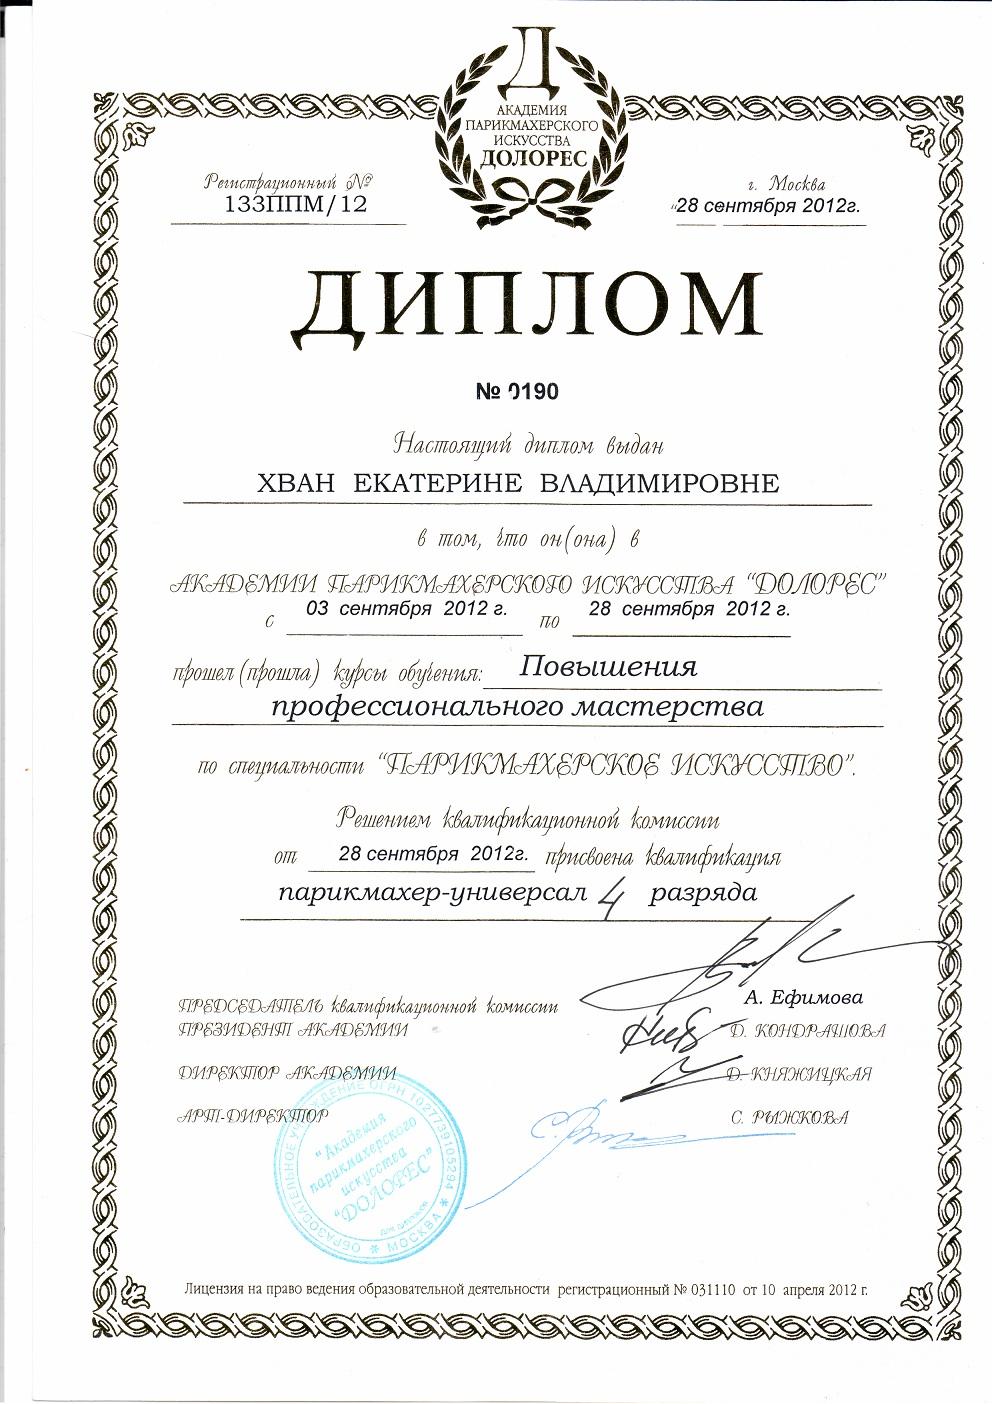 2012 школа парикмахерского искусства Долорес, квалификация парикмахер - универсал